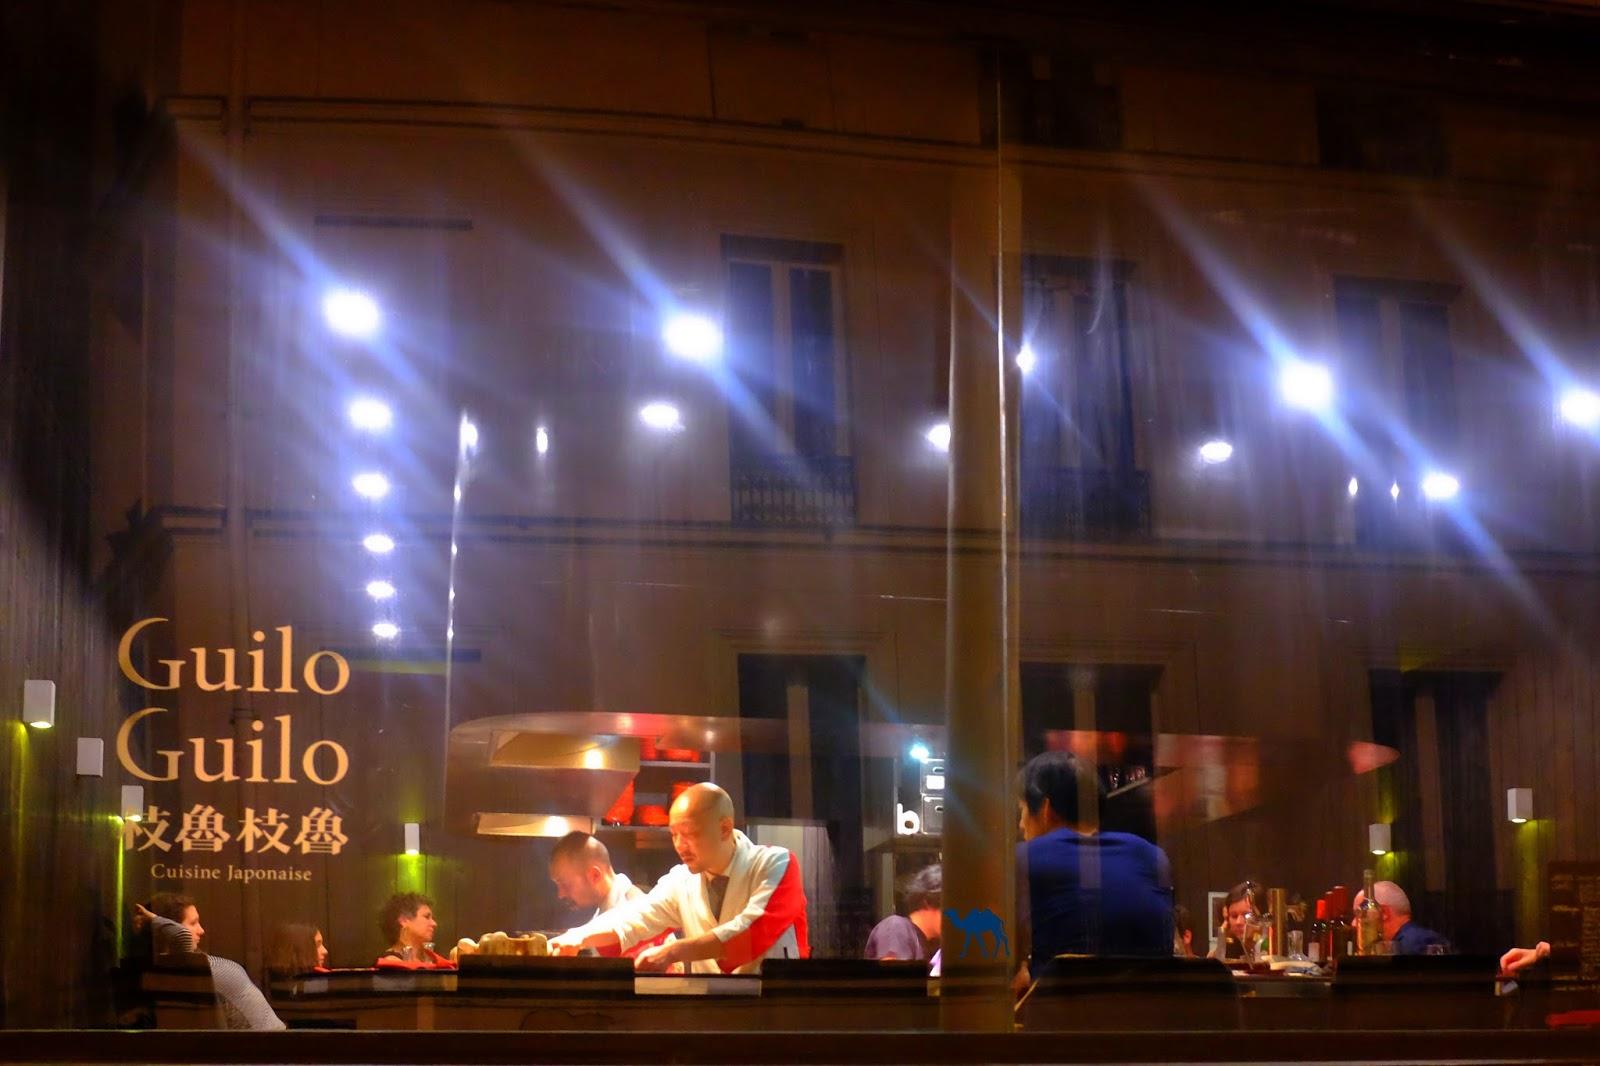 Le Chameau Bleu - Devanture du restaurant  Guilo Guilo à Paris